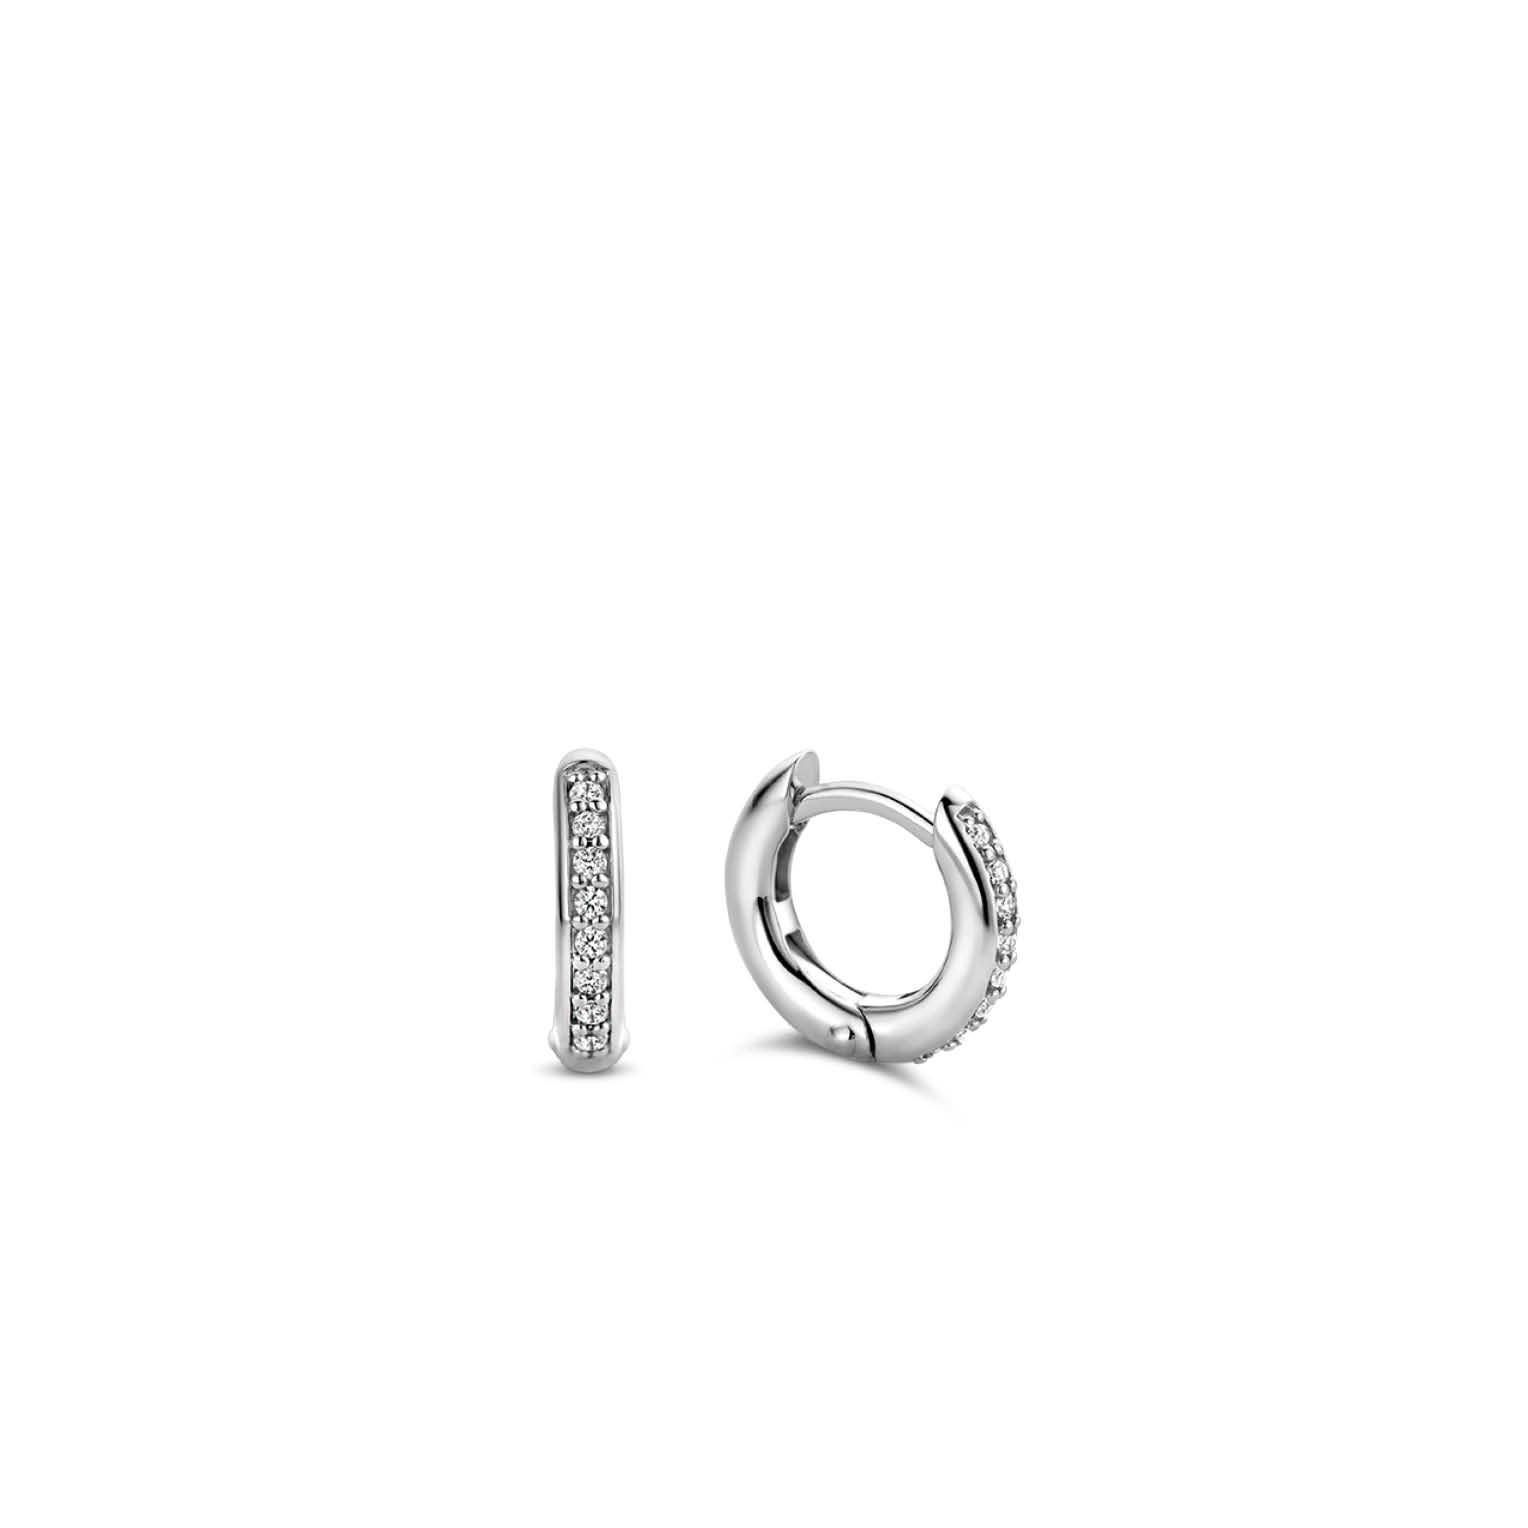 TI SENTO - Milano Earrings 7811ZI-3